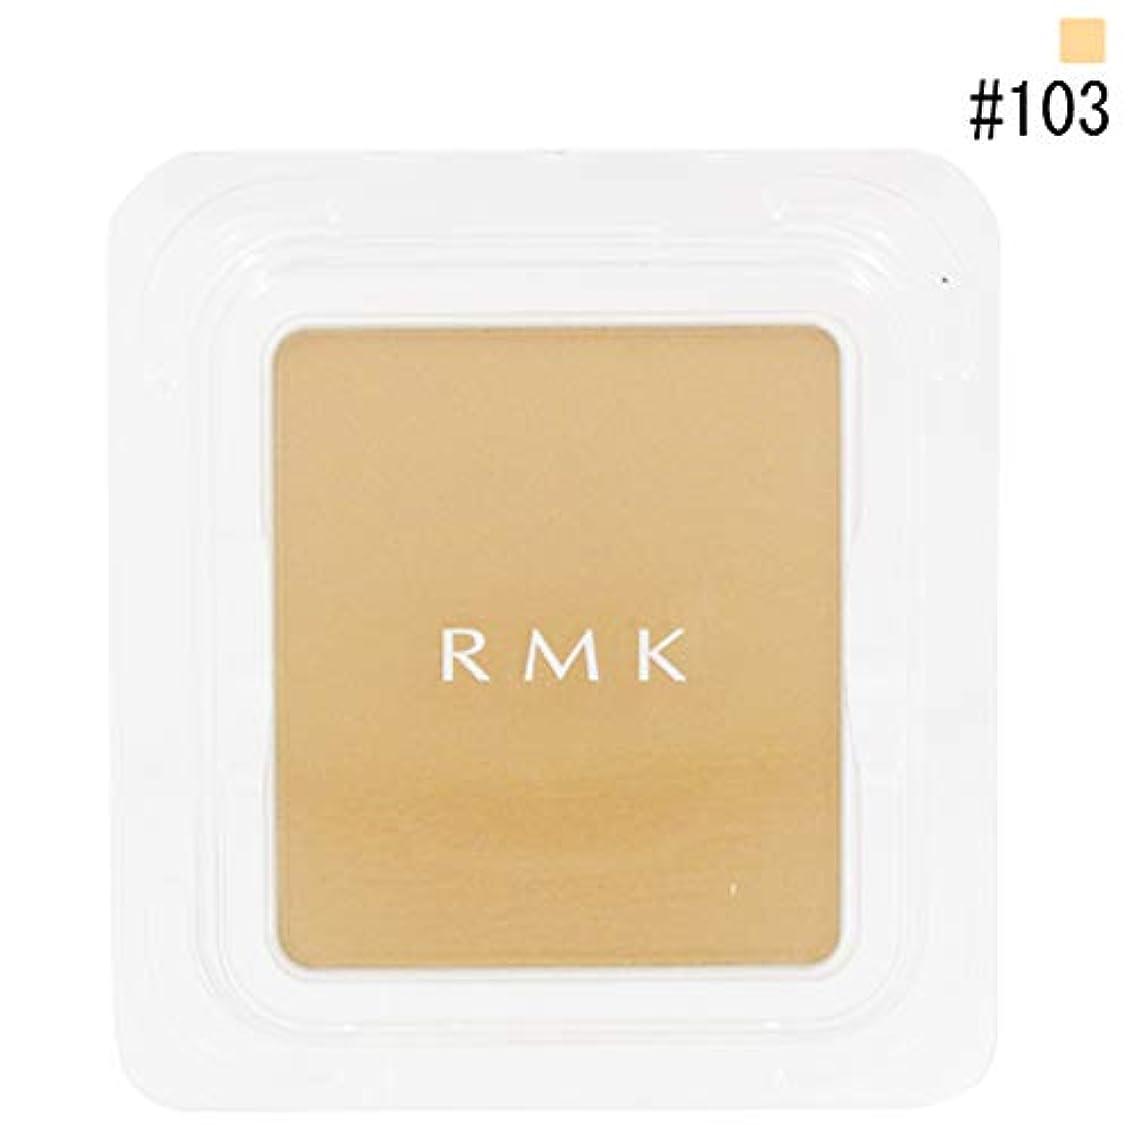 RMK アールエムケー エアリーパウダー ファンデーション (レフィル) #103 10.5g [並行輸入品]